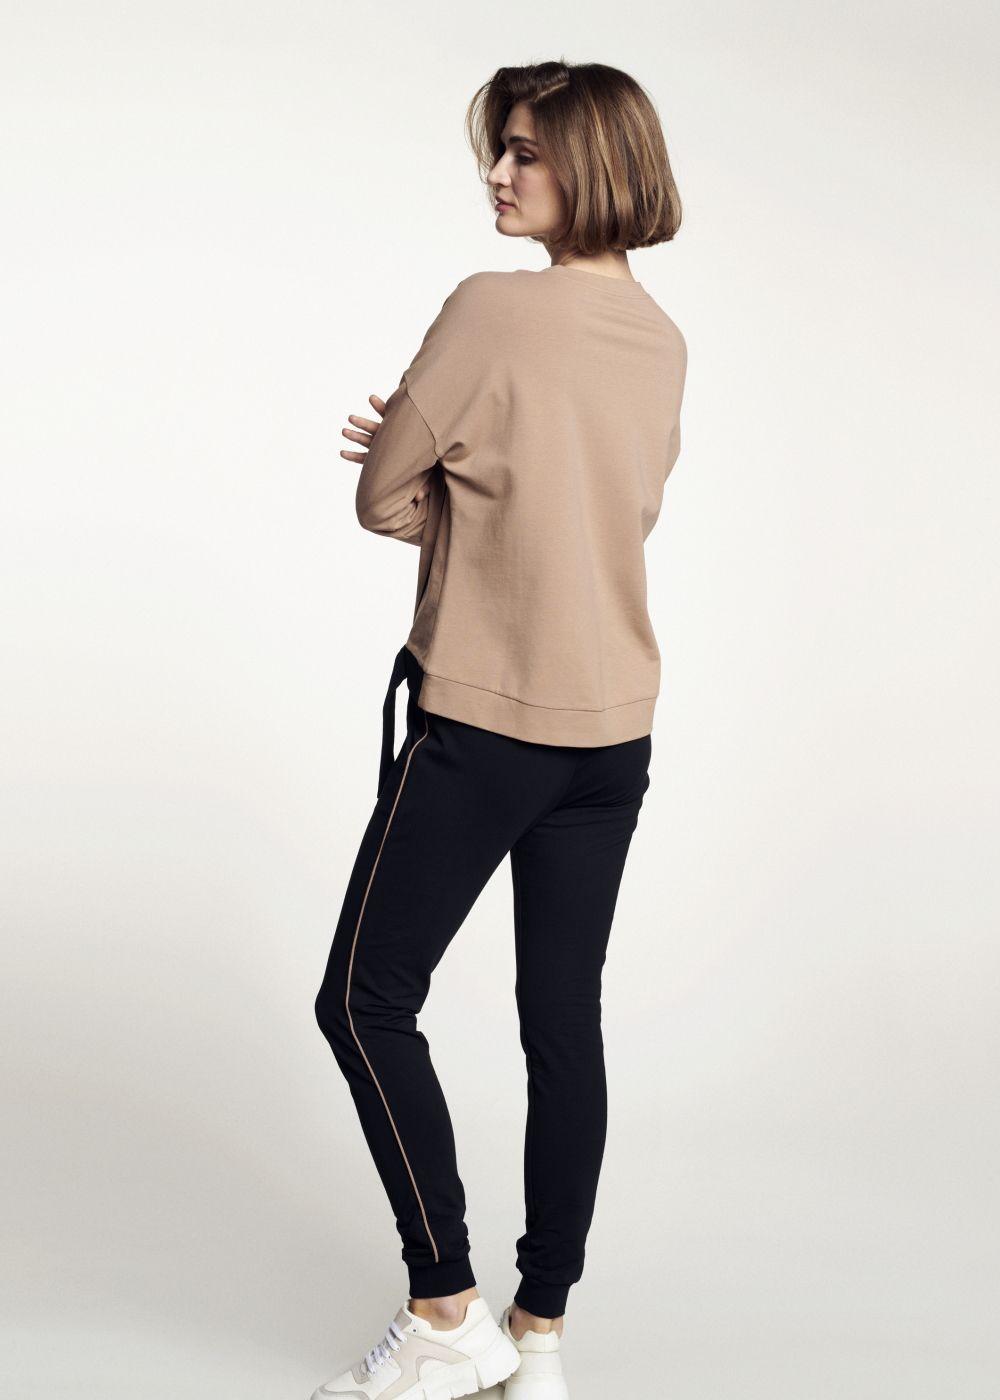 Spodnie damskie SPODT-0060-99(W21)